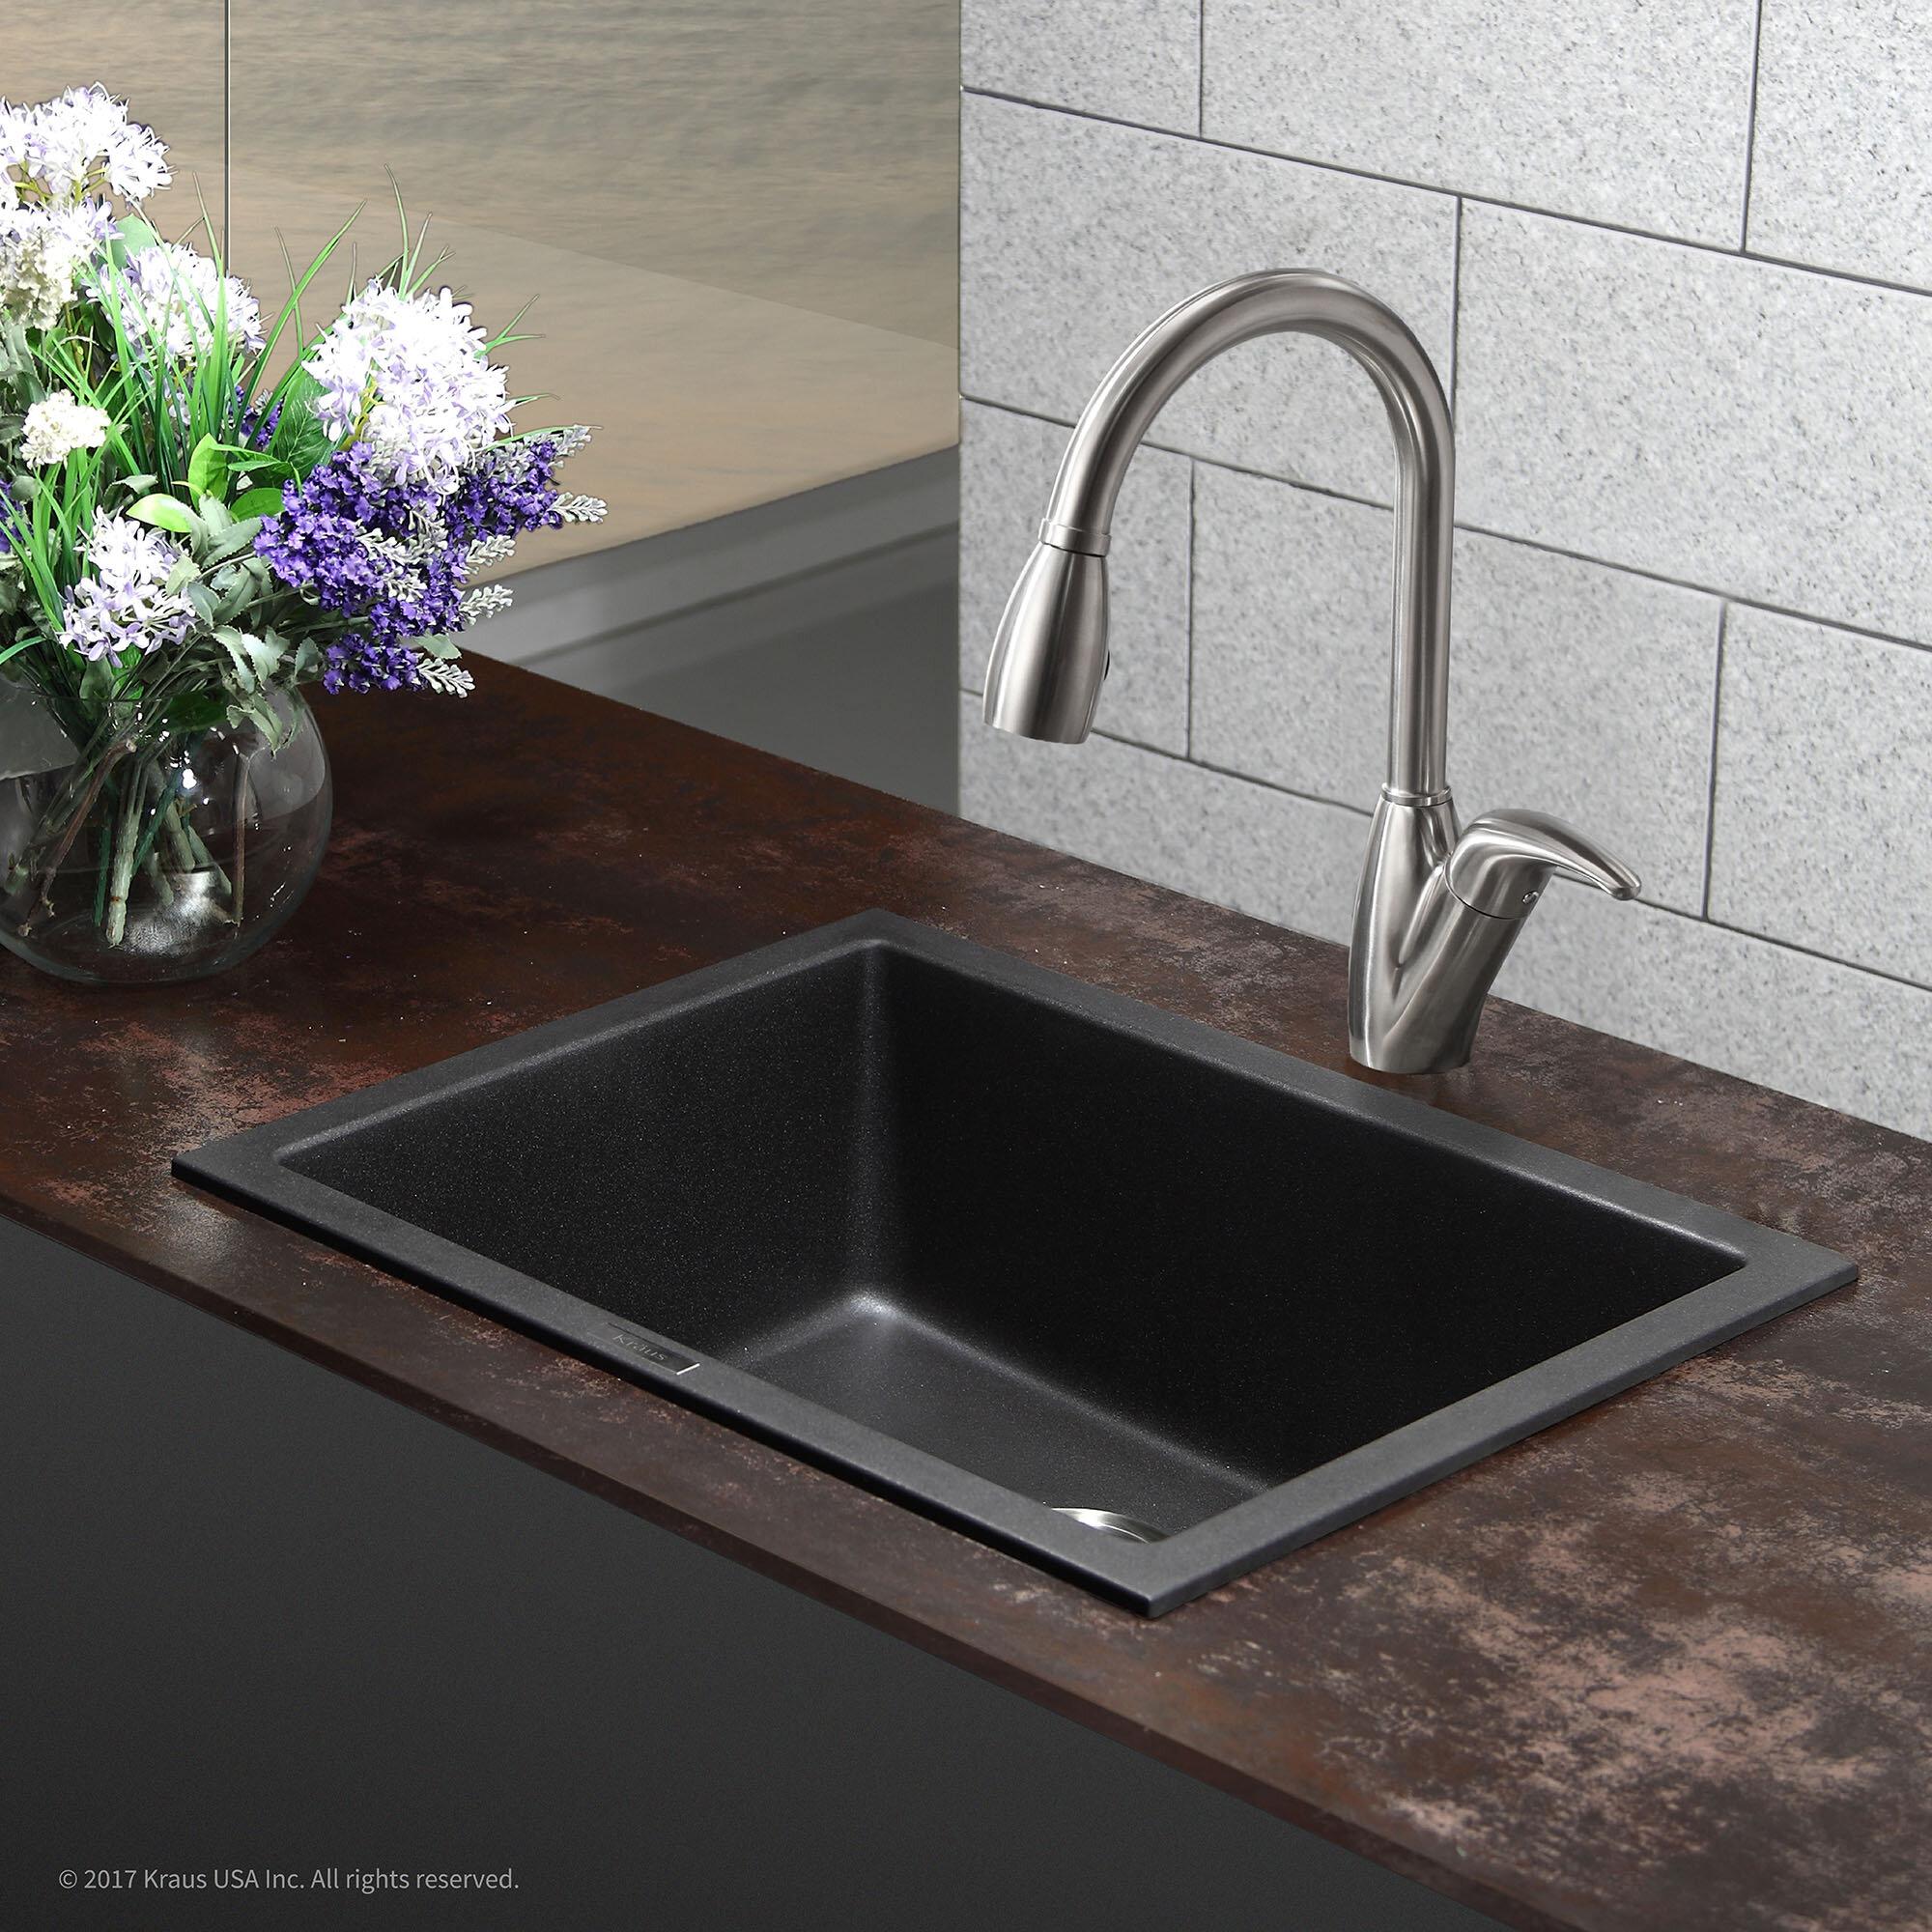 Kgd 410b 24 l x 18 w drop in kitchen sink